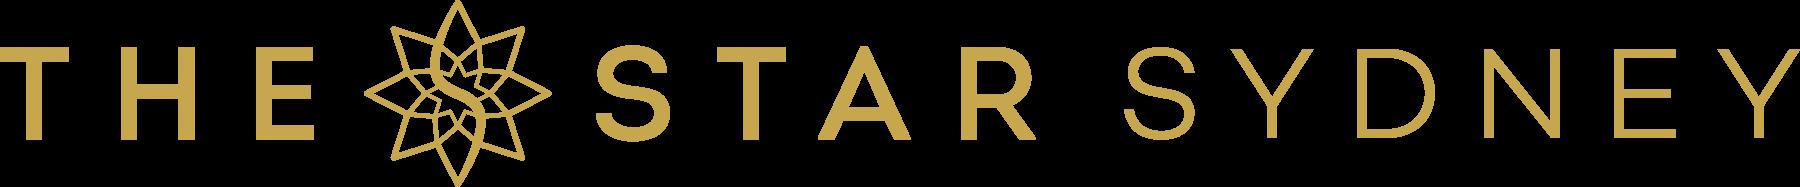 The Star Sydney Logo